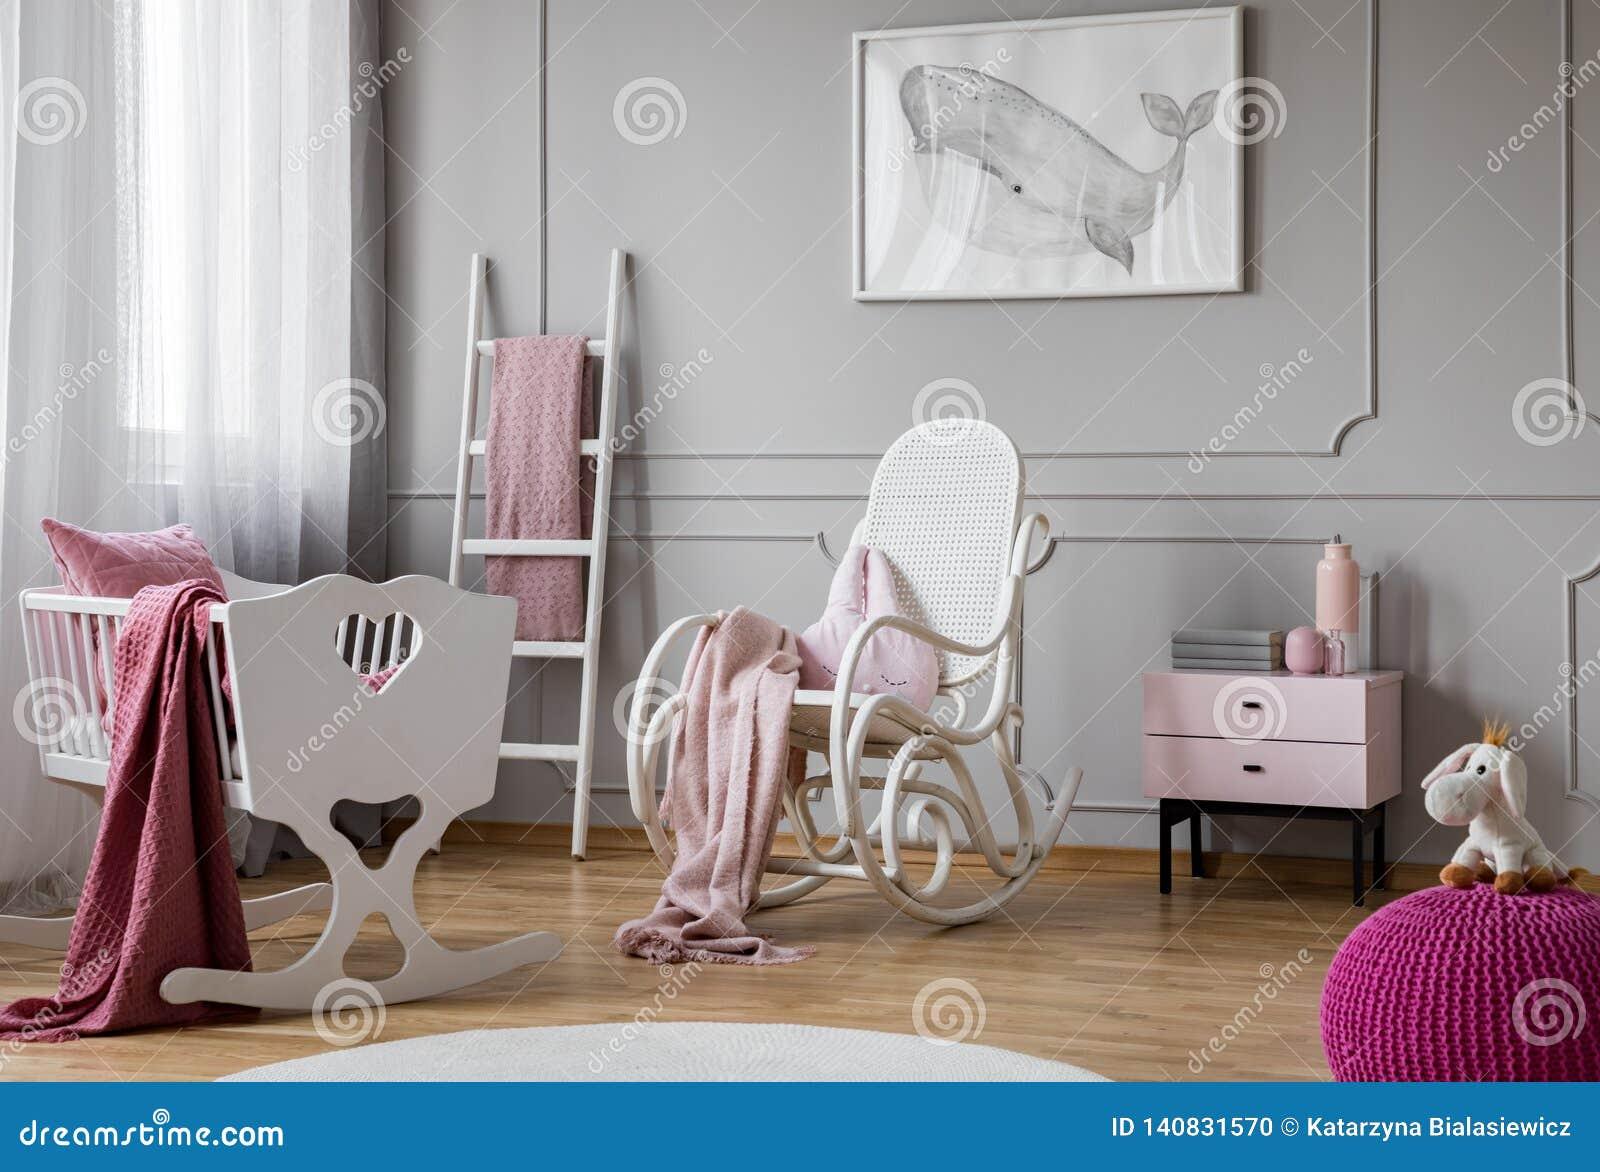 Pastelkleur roze deken op witte schommelstoel in het ruime binnenland van de babyruimte met wieg, Skandinavische ladder en nights